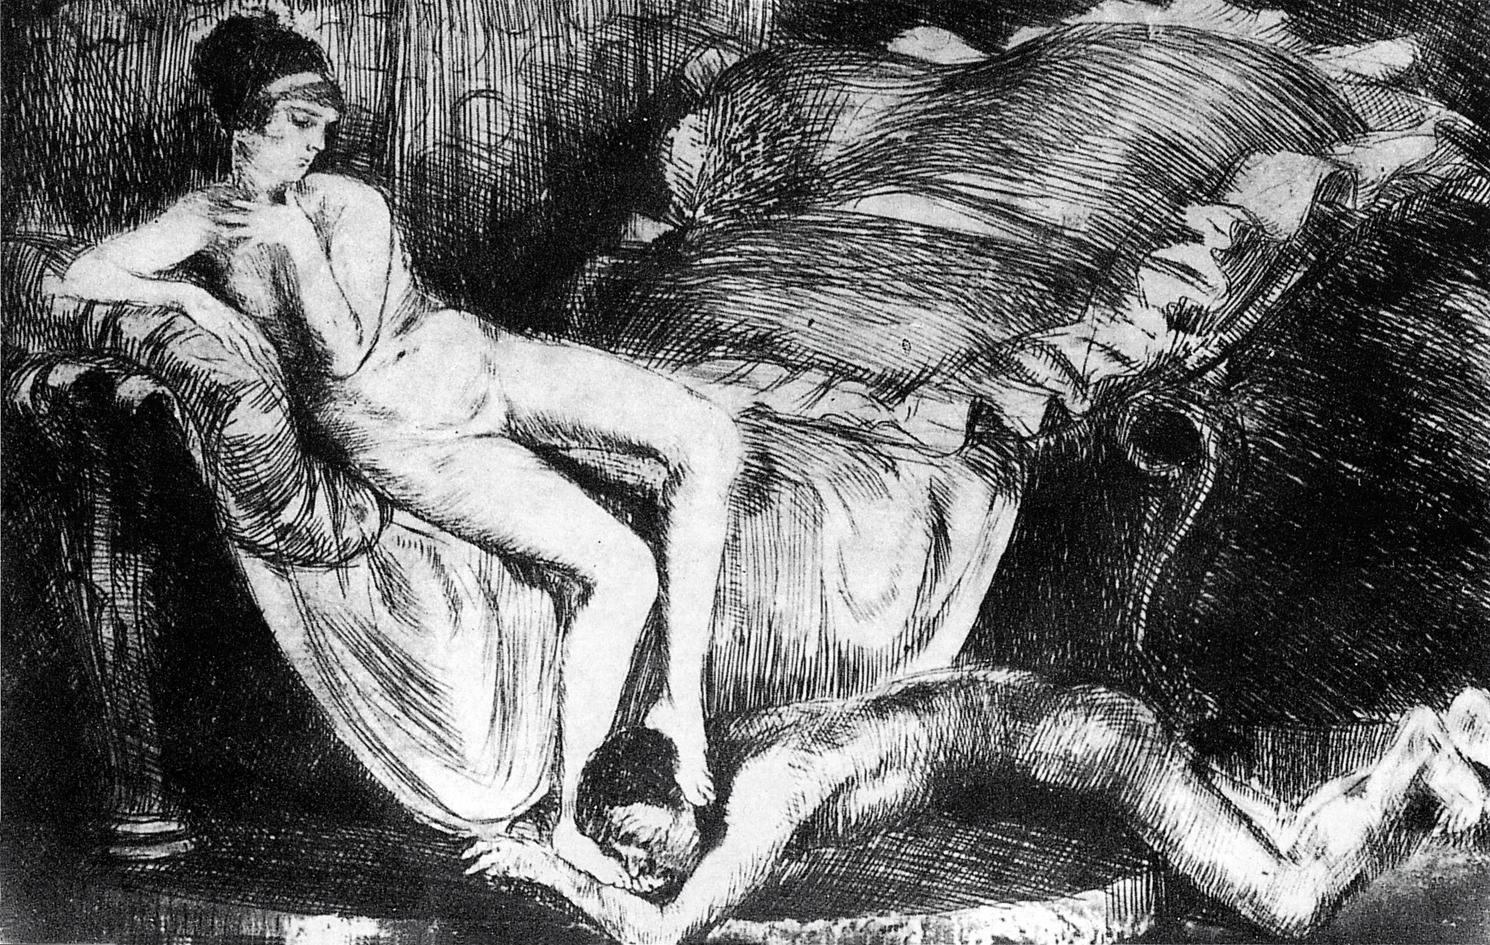 Бруно Шульц. Ундула - вічний ідеал, 1920 сliché-verre; MNW